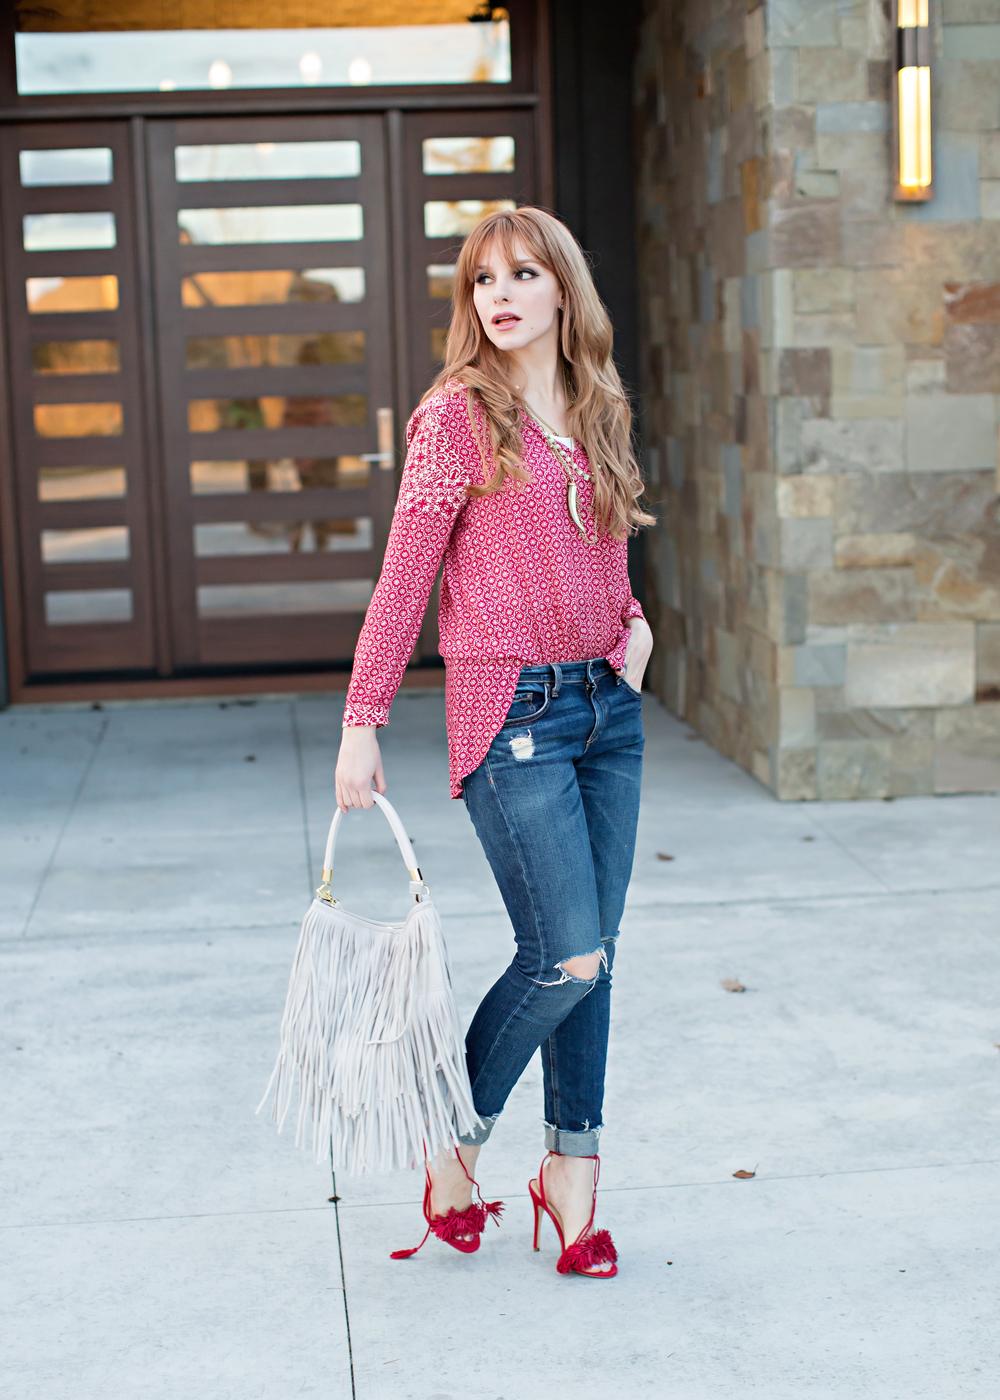 redhead fashion ootd Ivanka Trump Heels